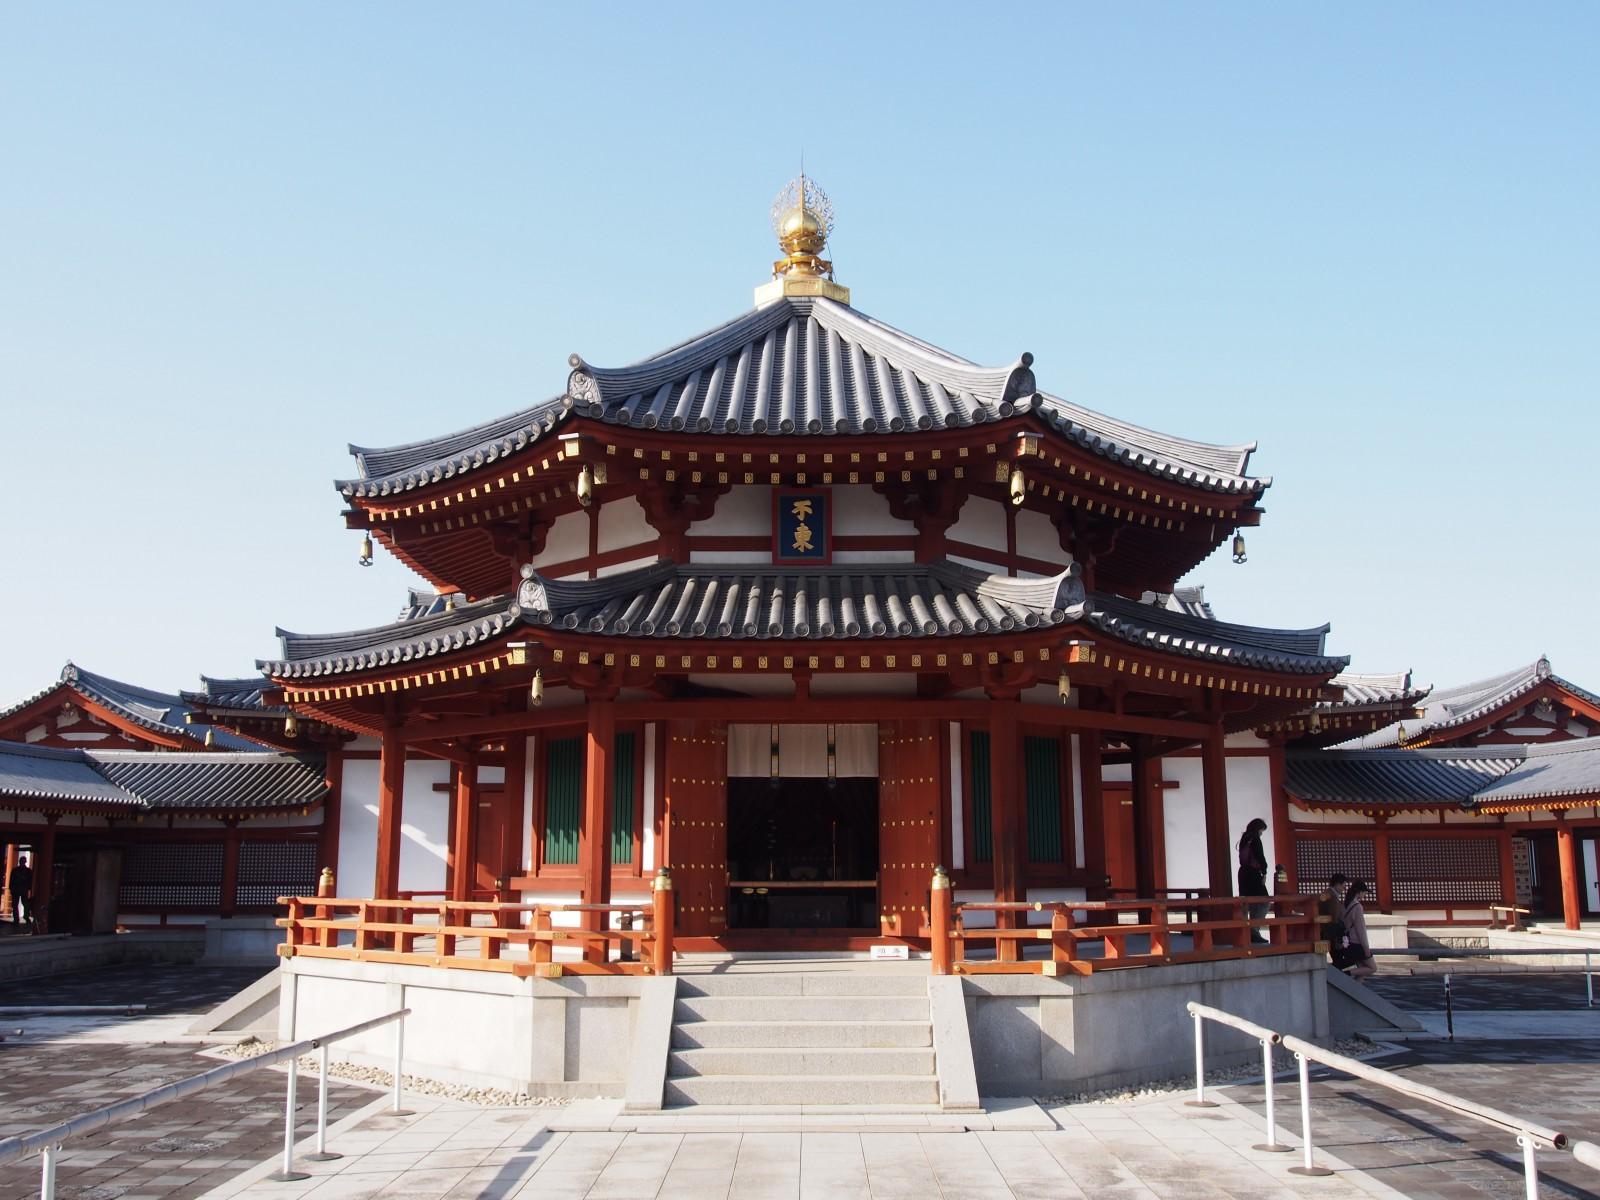 玄奘三蔵のご遺骨を納める「玄奘塔」